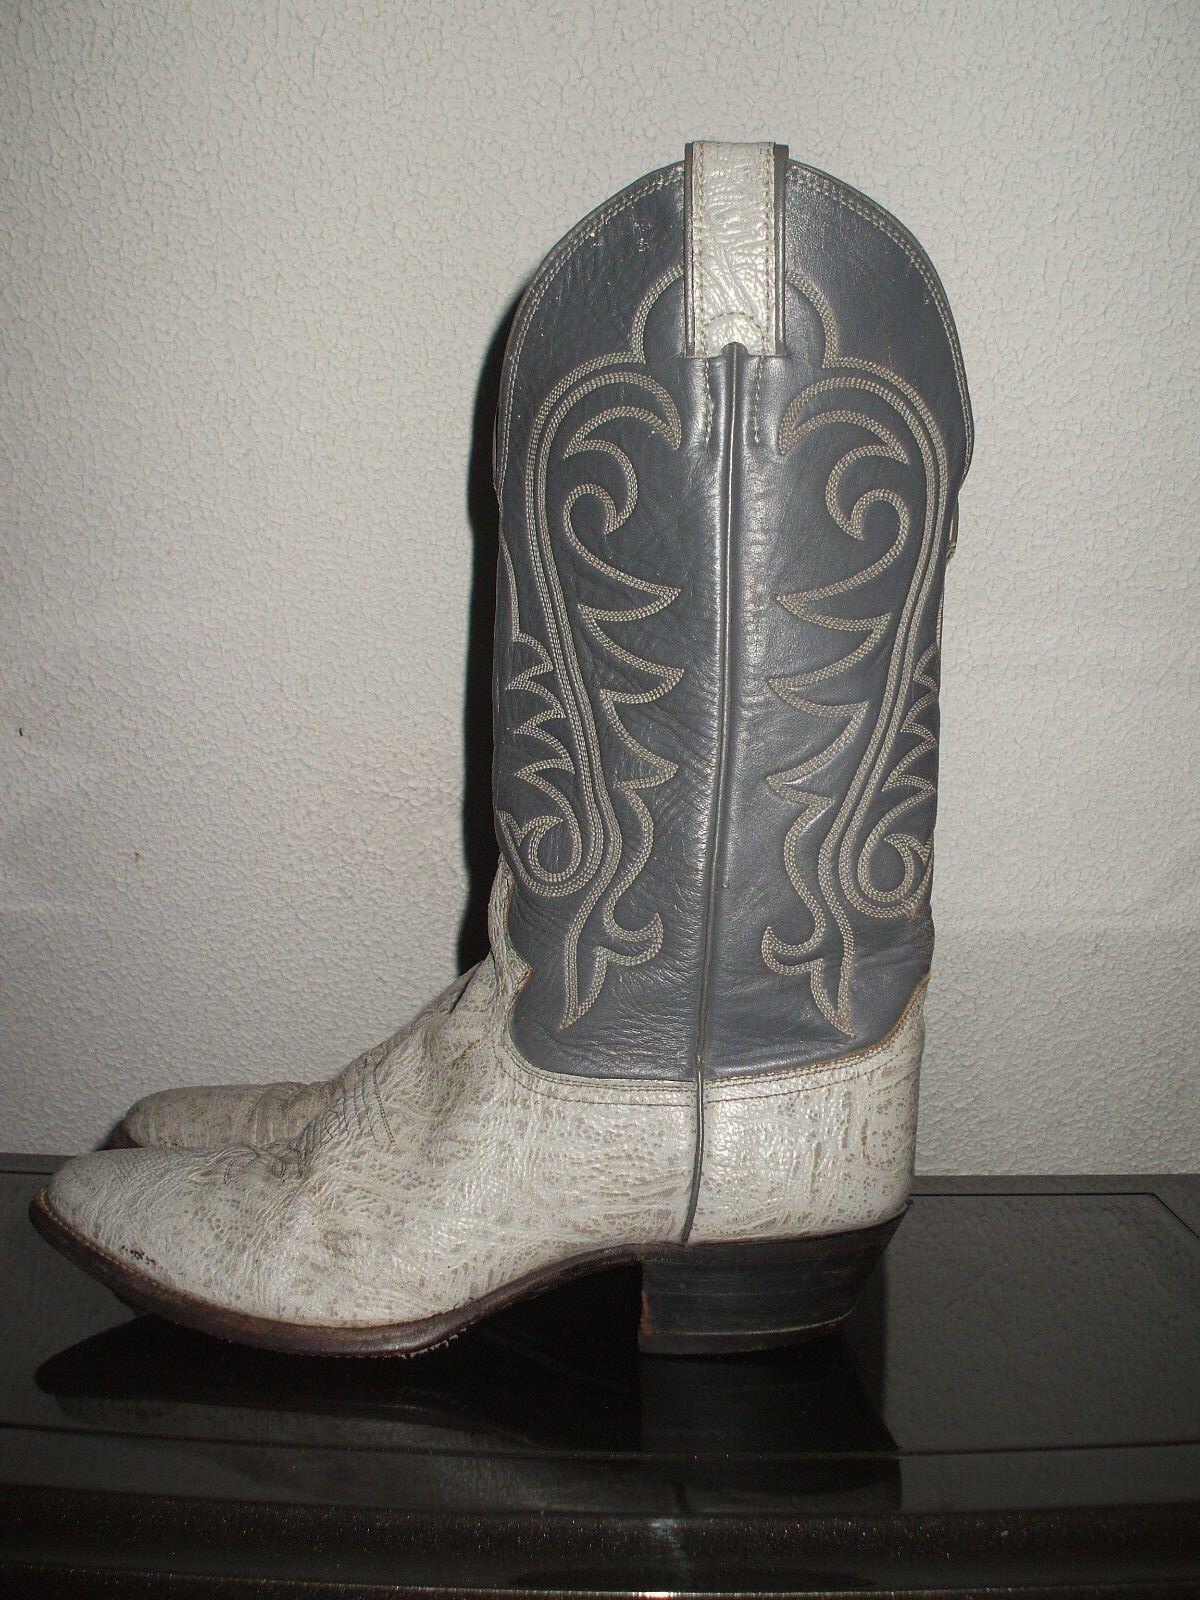 Justin para  Hombres Color gris Elefante occidental de cuero botas de Vaquero 9 D  ¡envío gratis!